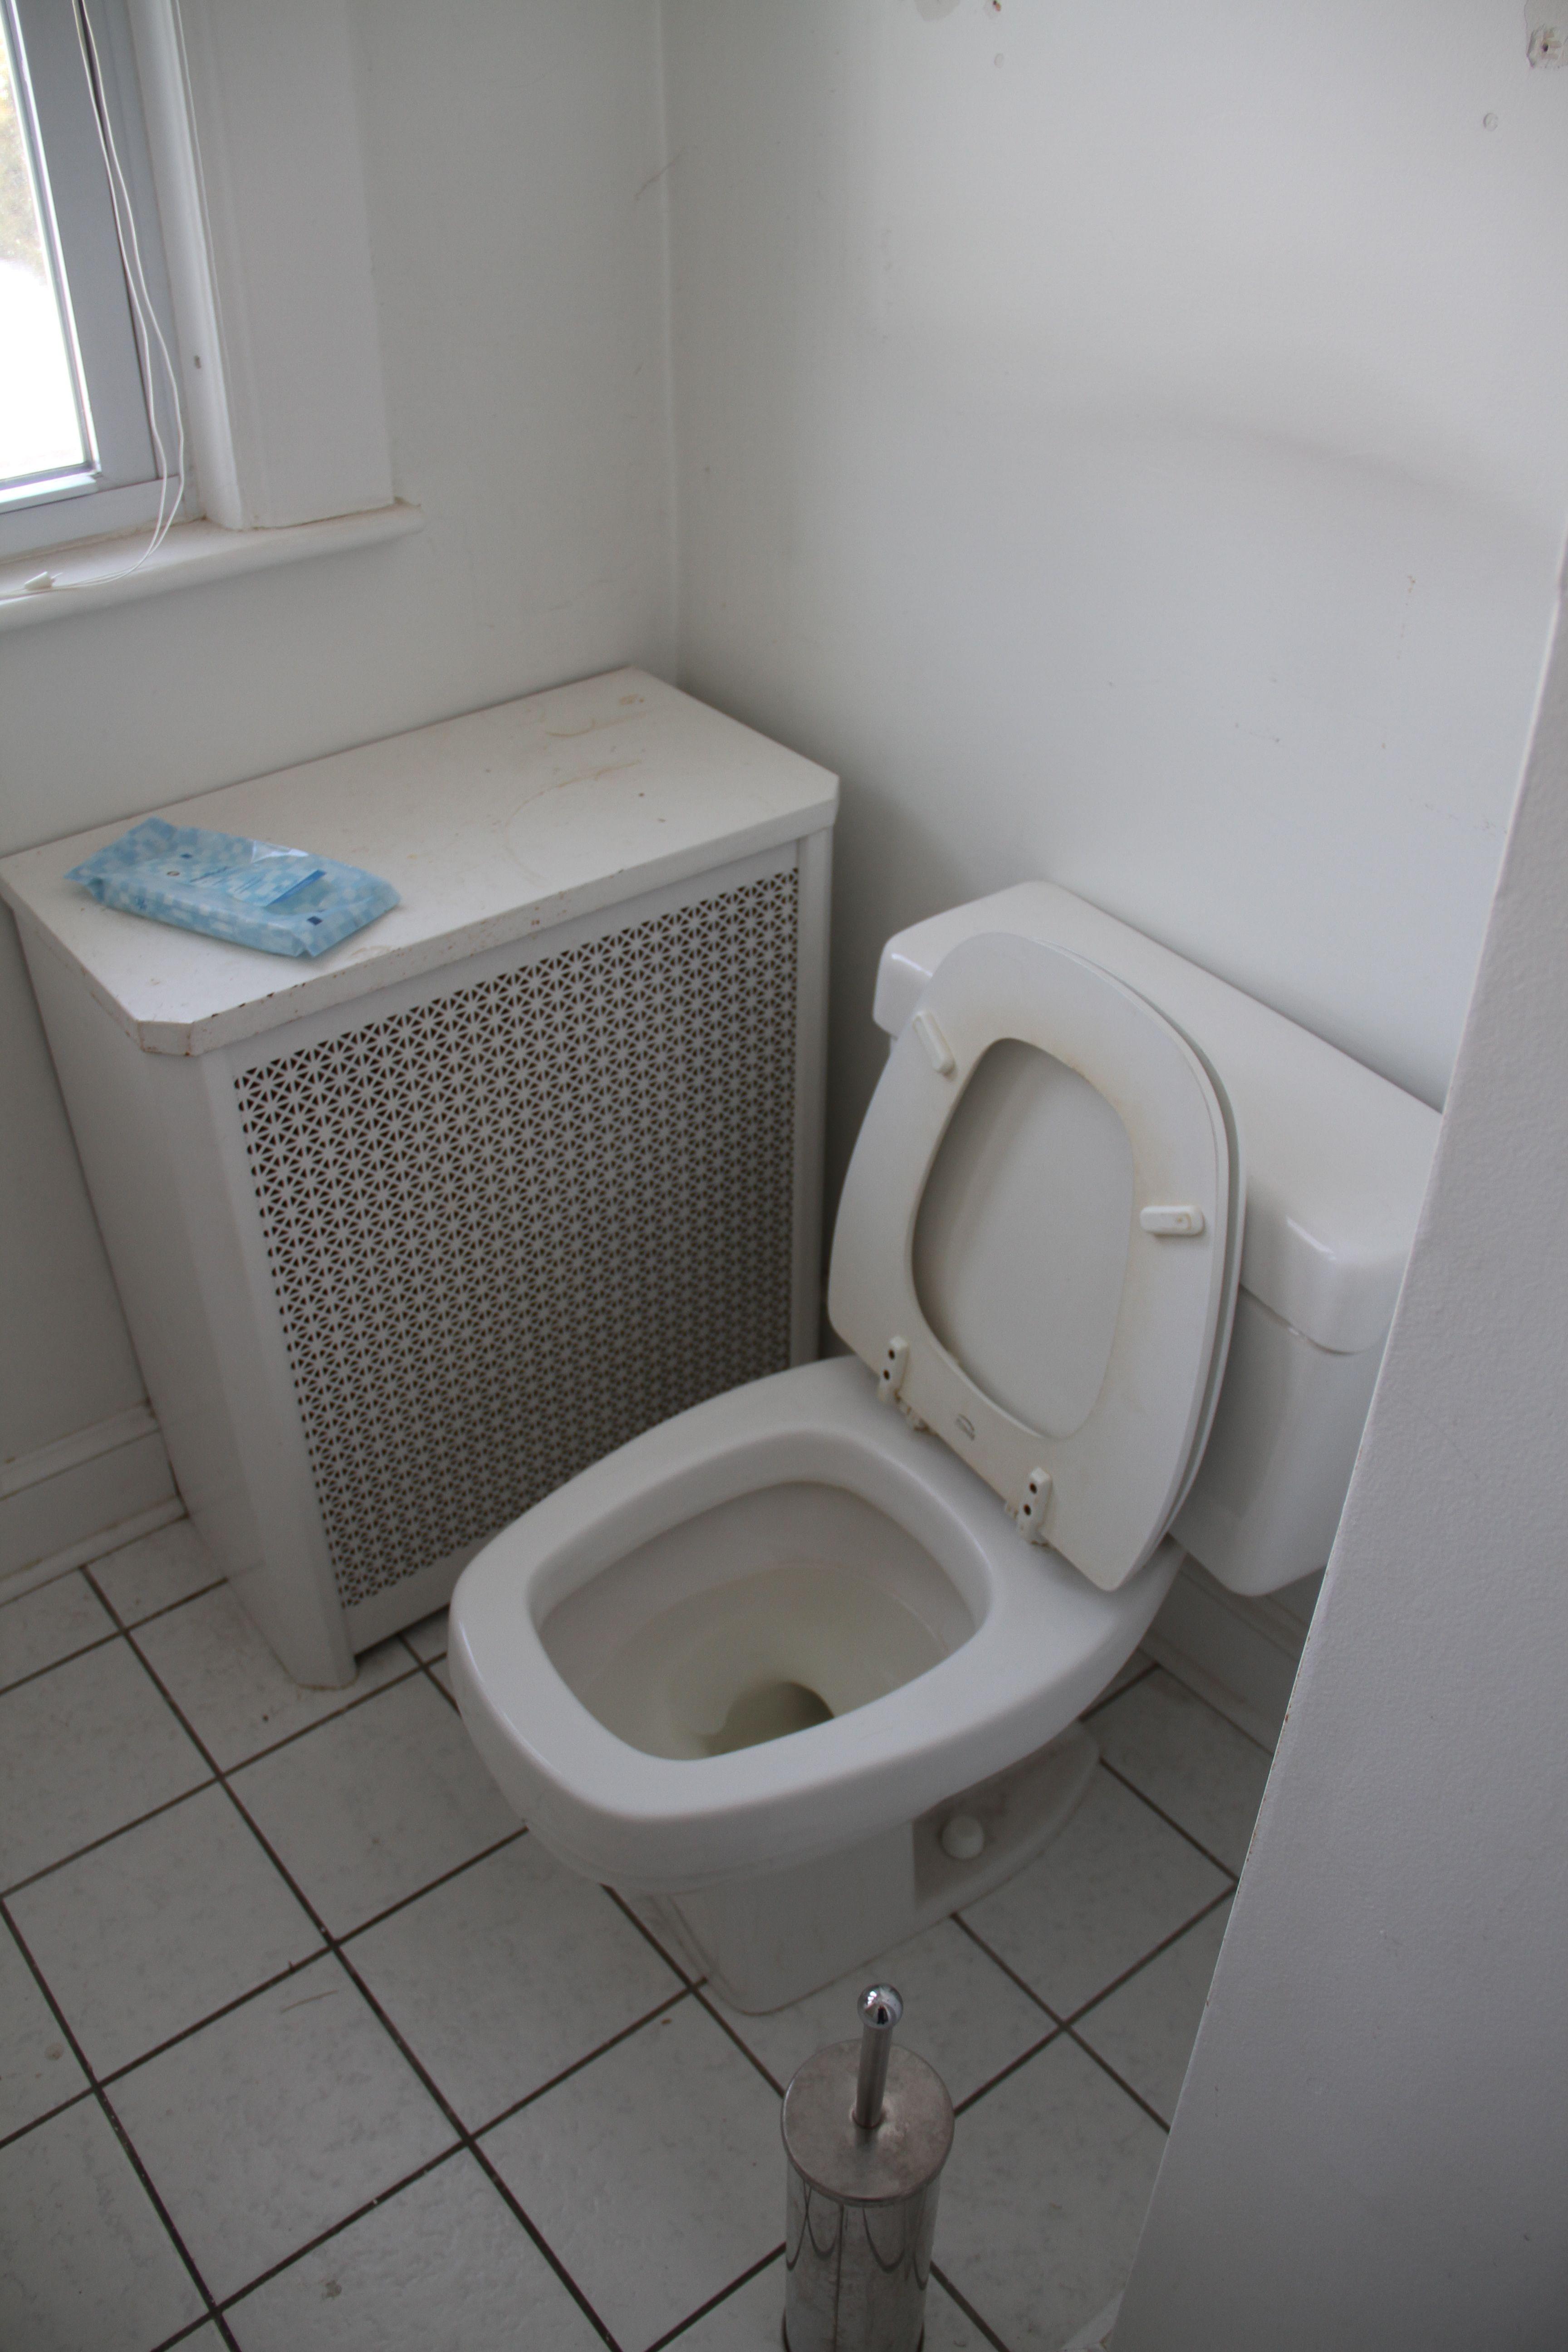 Good-bye, gross, inefficient, broken-ish toilet.